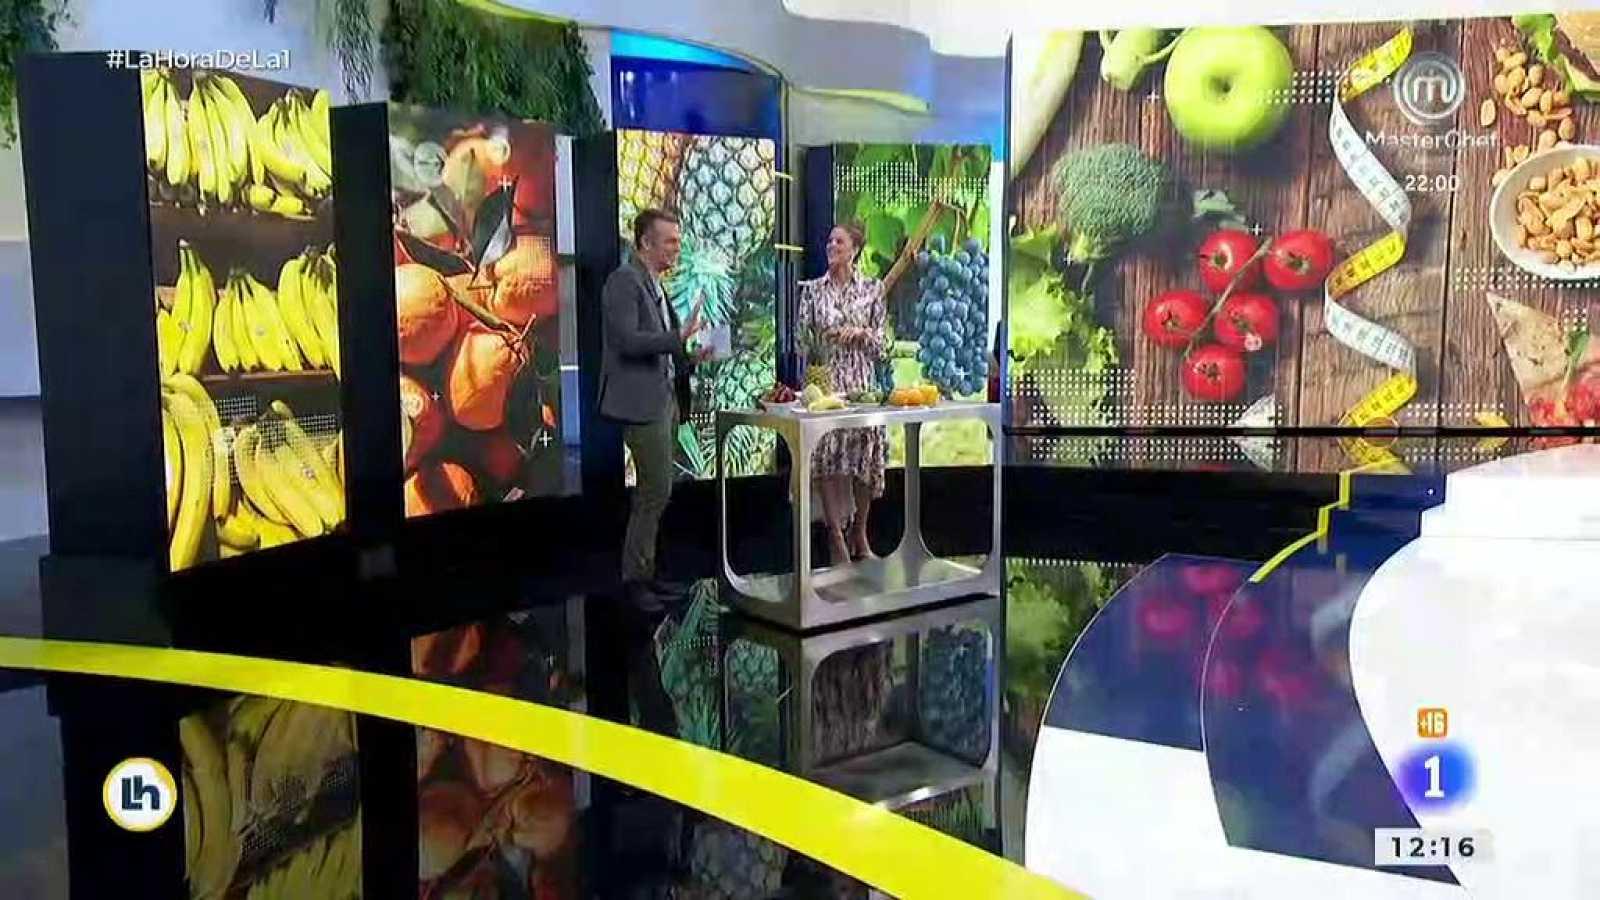 ¿Te has preguntado alguna vez si la fruta engorda?